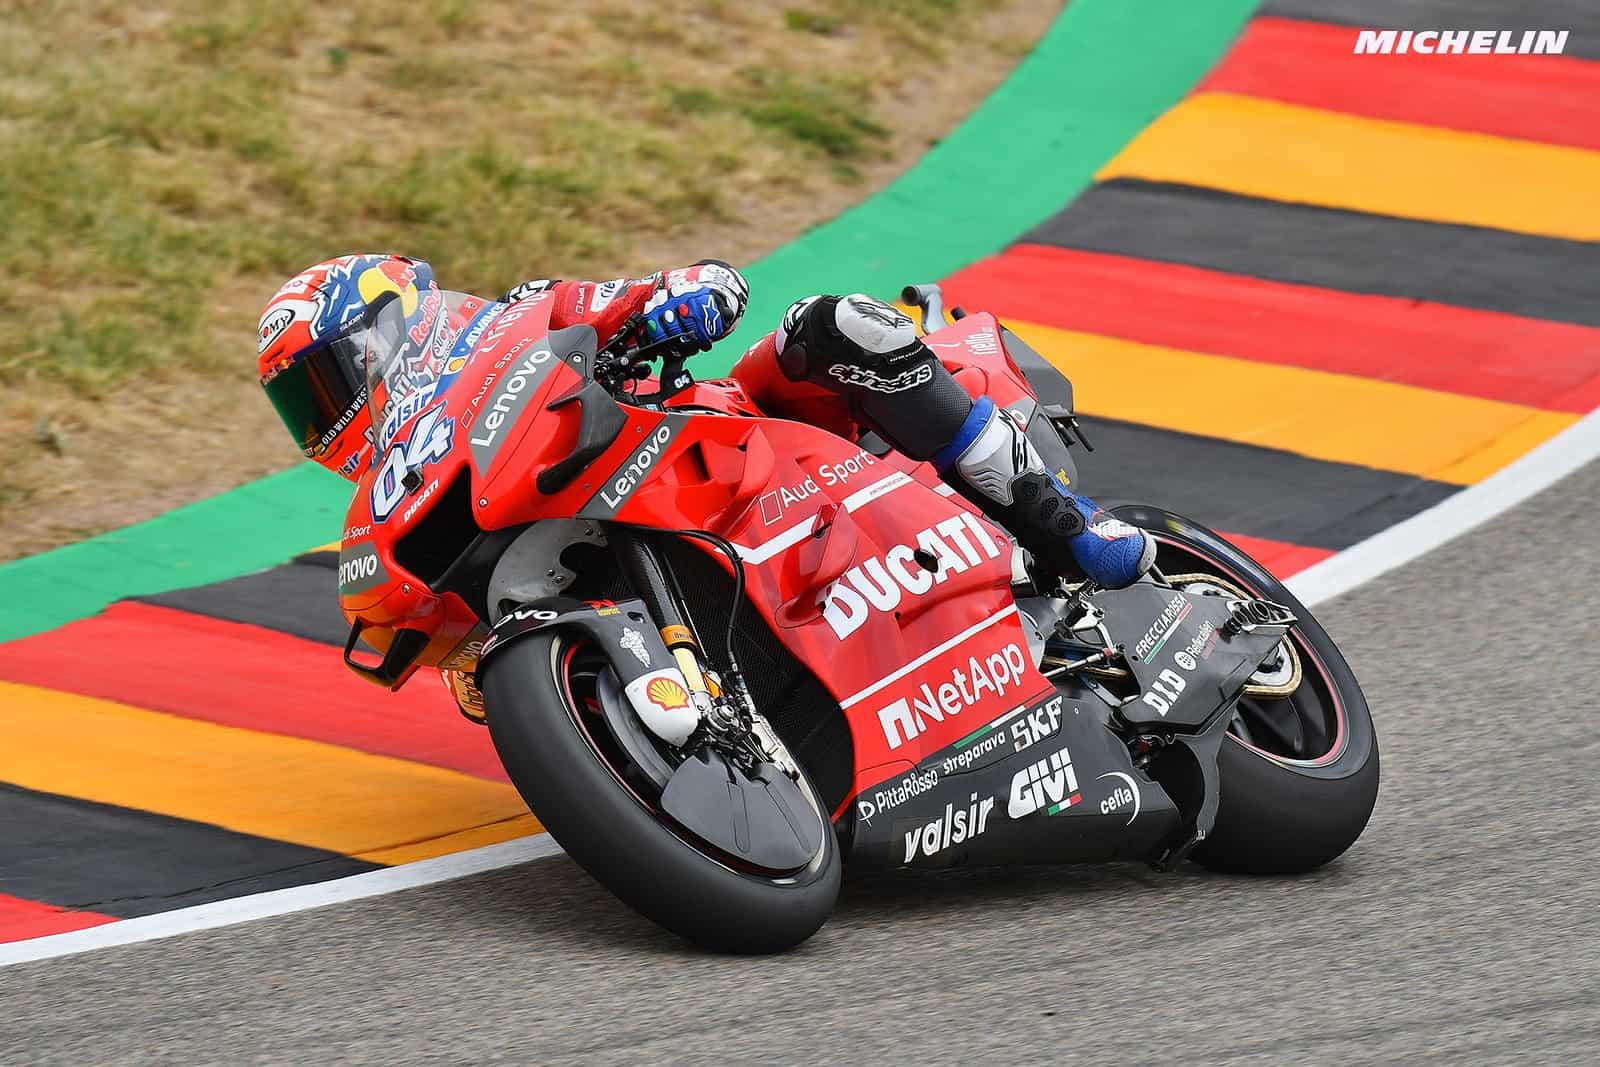 MotoGP2019ドイツGP FP2 9位ドヴィツィオーゾ「バイクを改善する時間は十分ある」